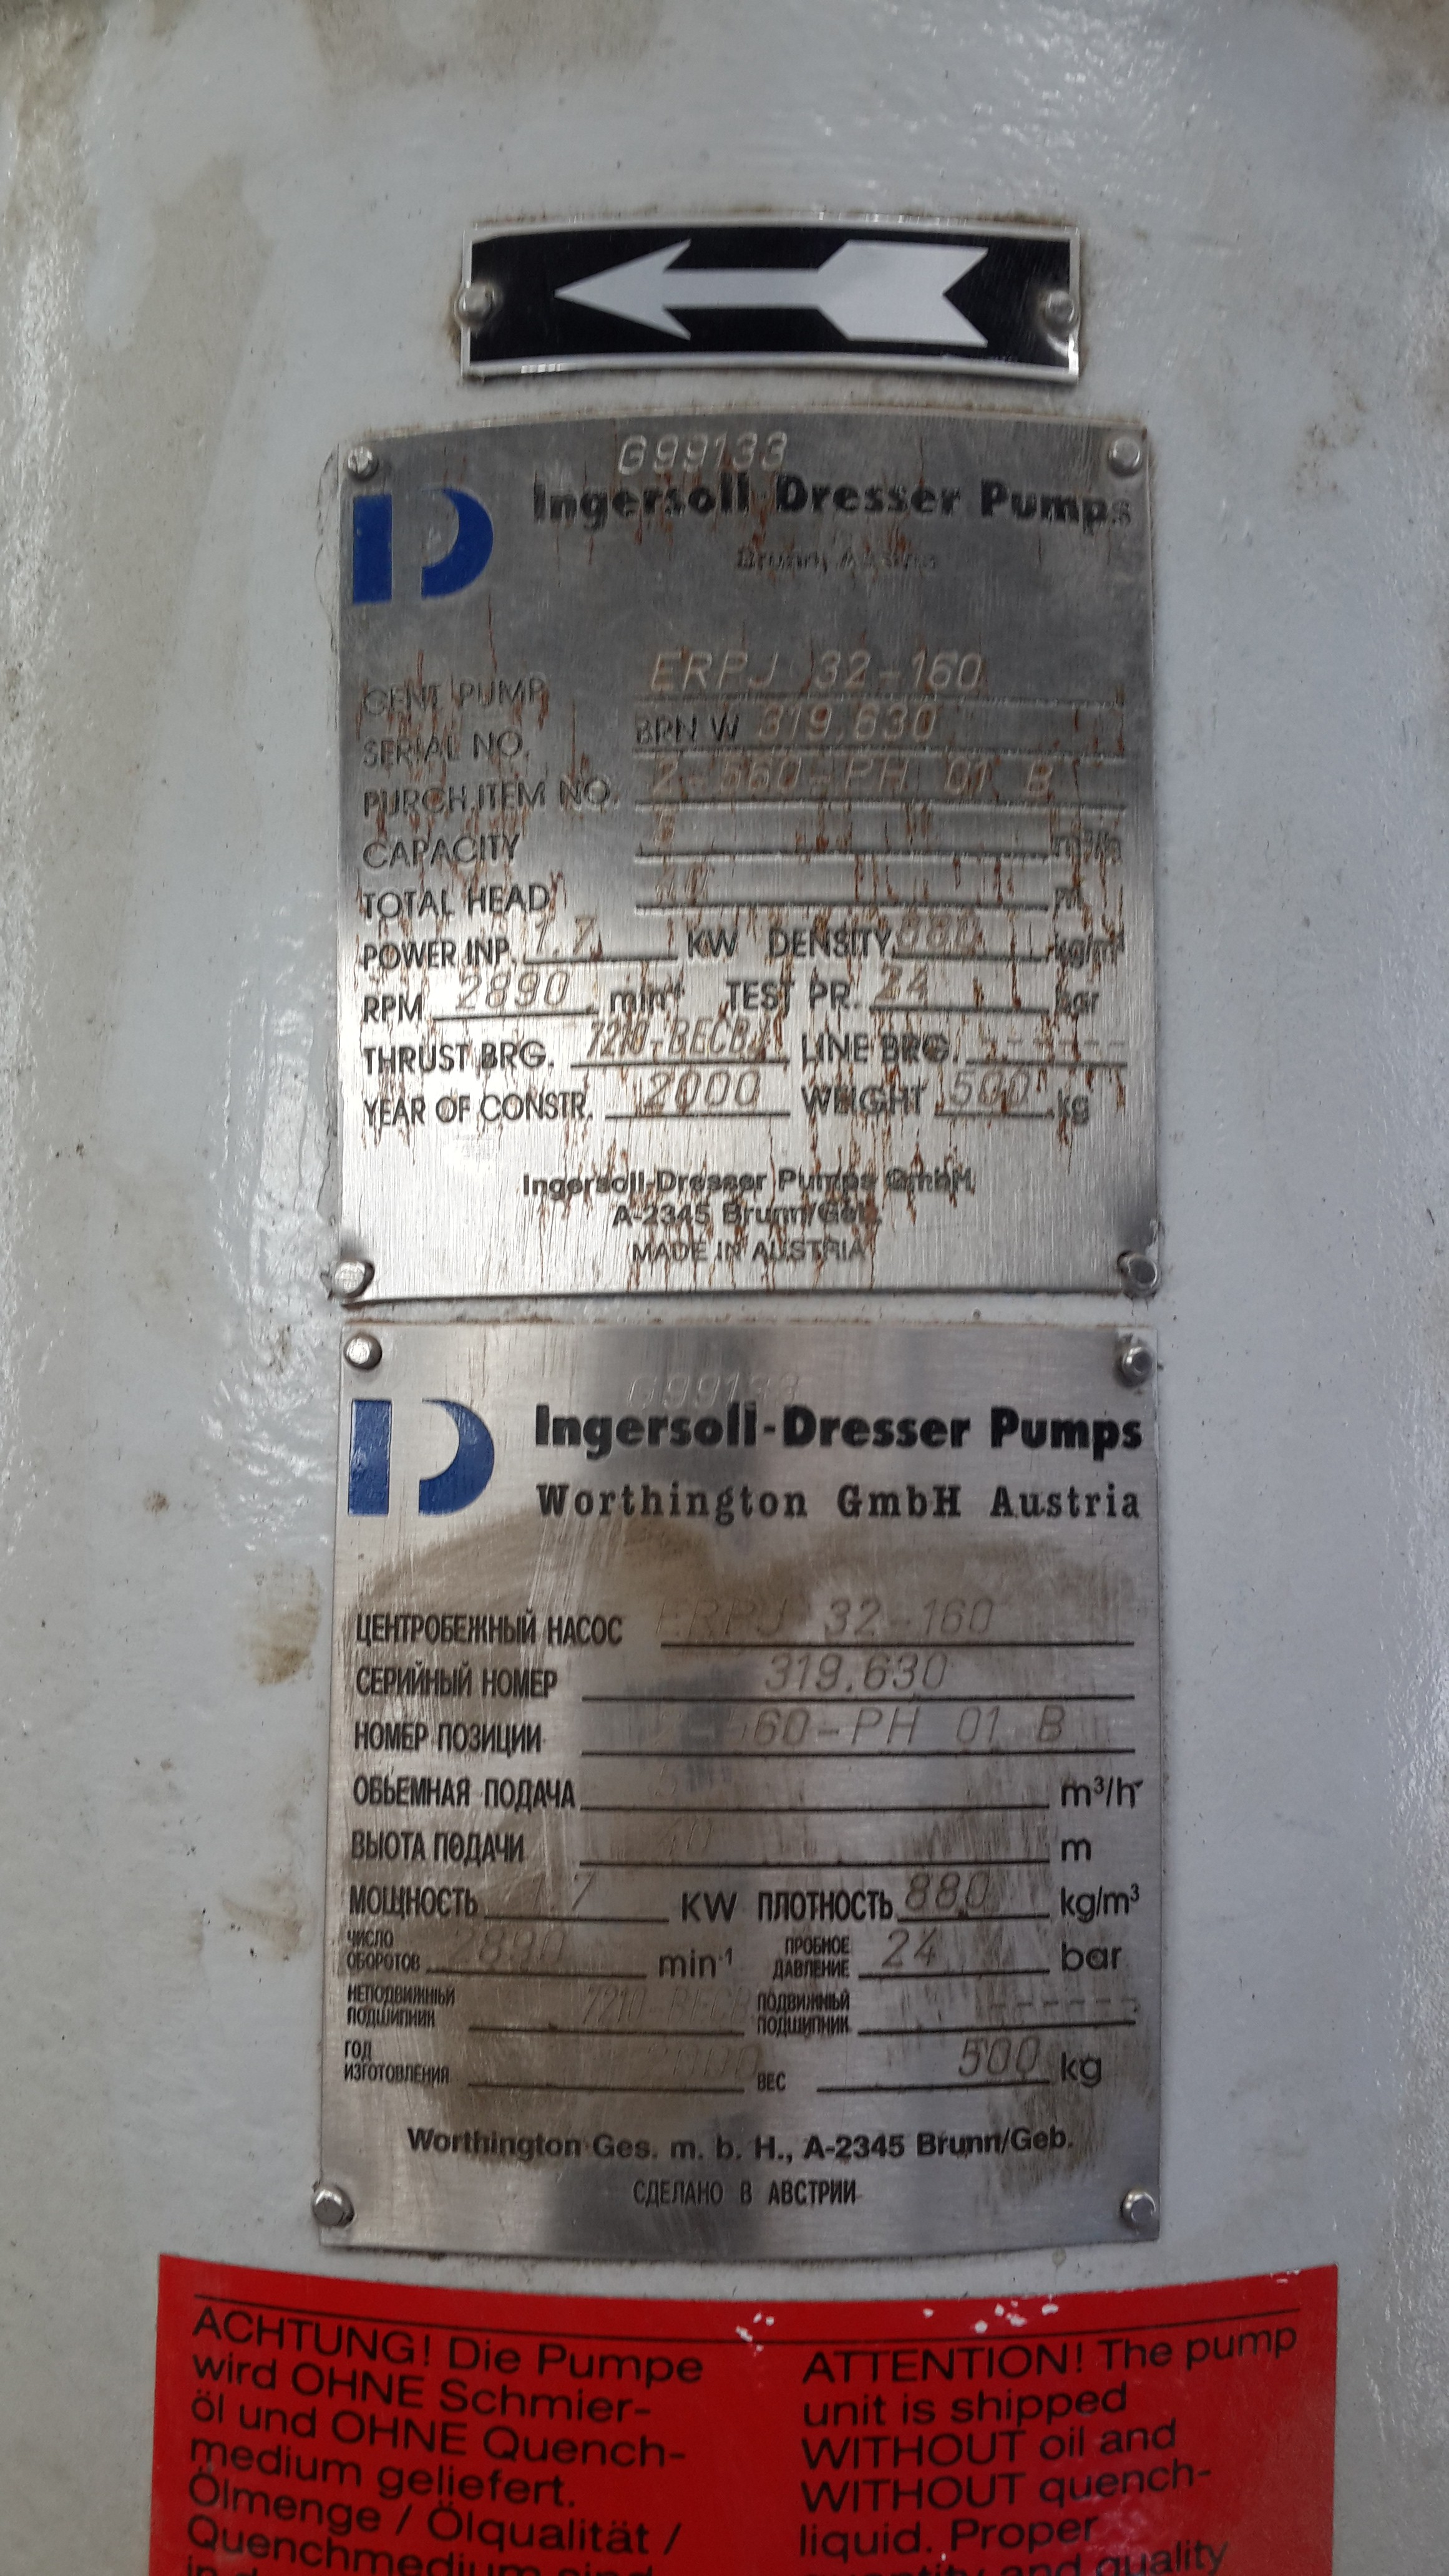 Indersoll Dresser Pumps ERPJ 320160 industrial pump - Exapro